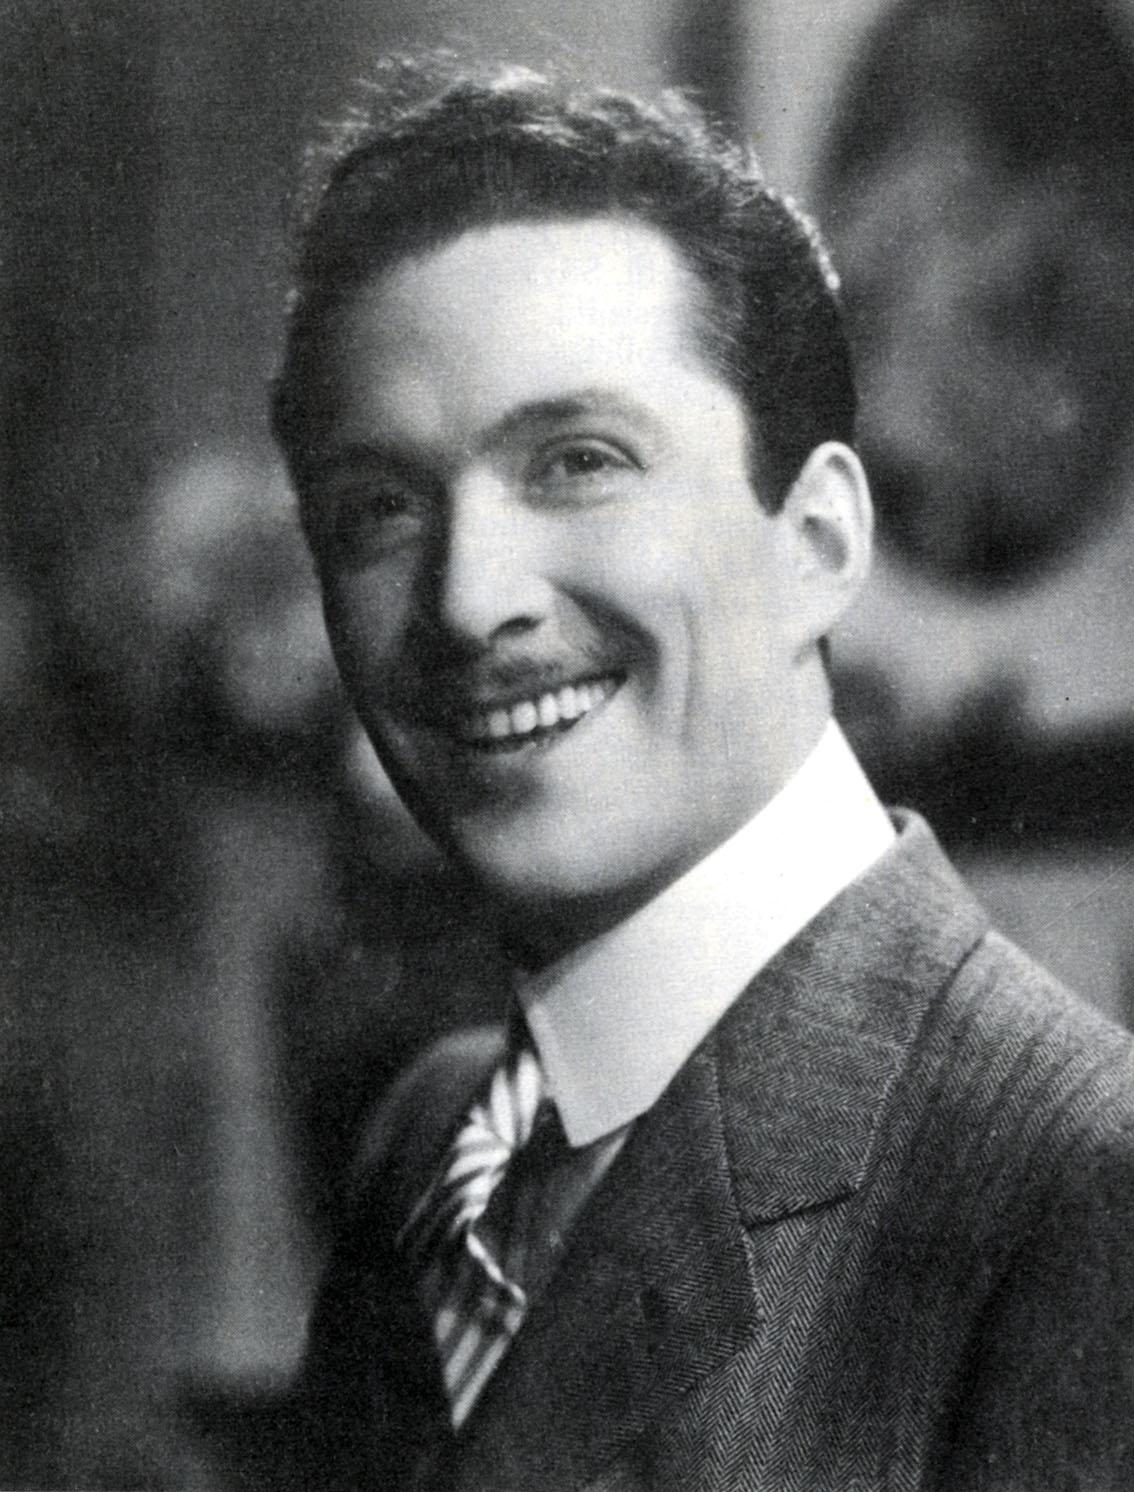 Rodolfo Gucci